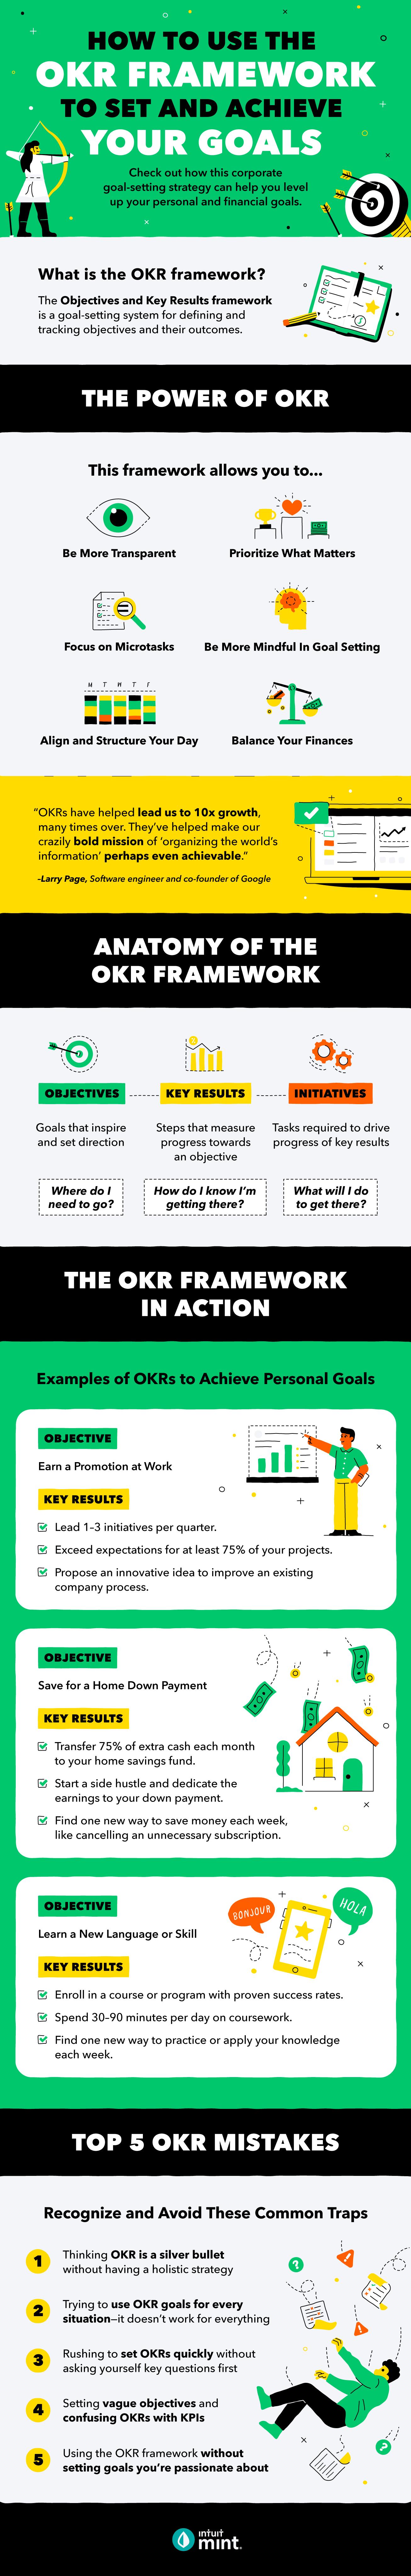 Cómo utilizar el marco OKR para establecer y alcanzar sus objetivos